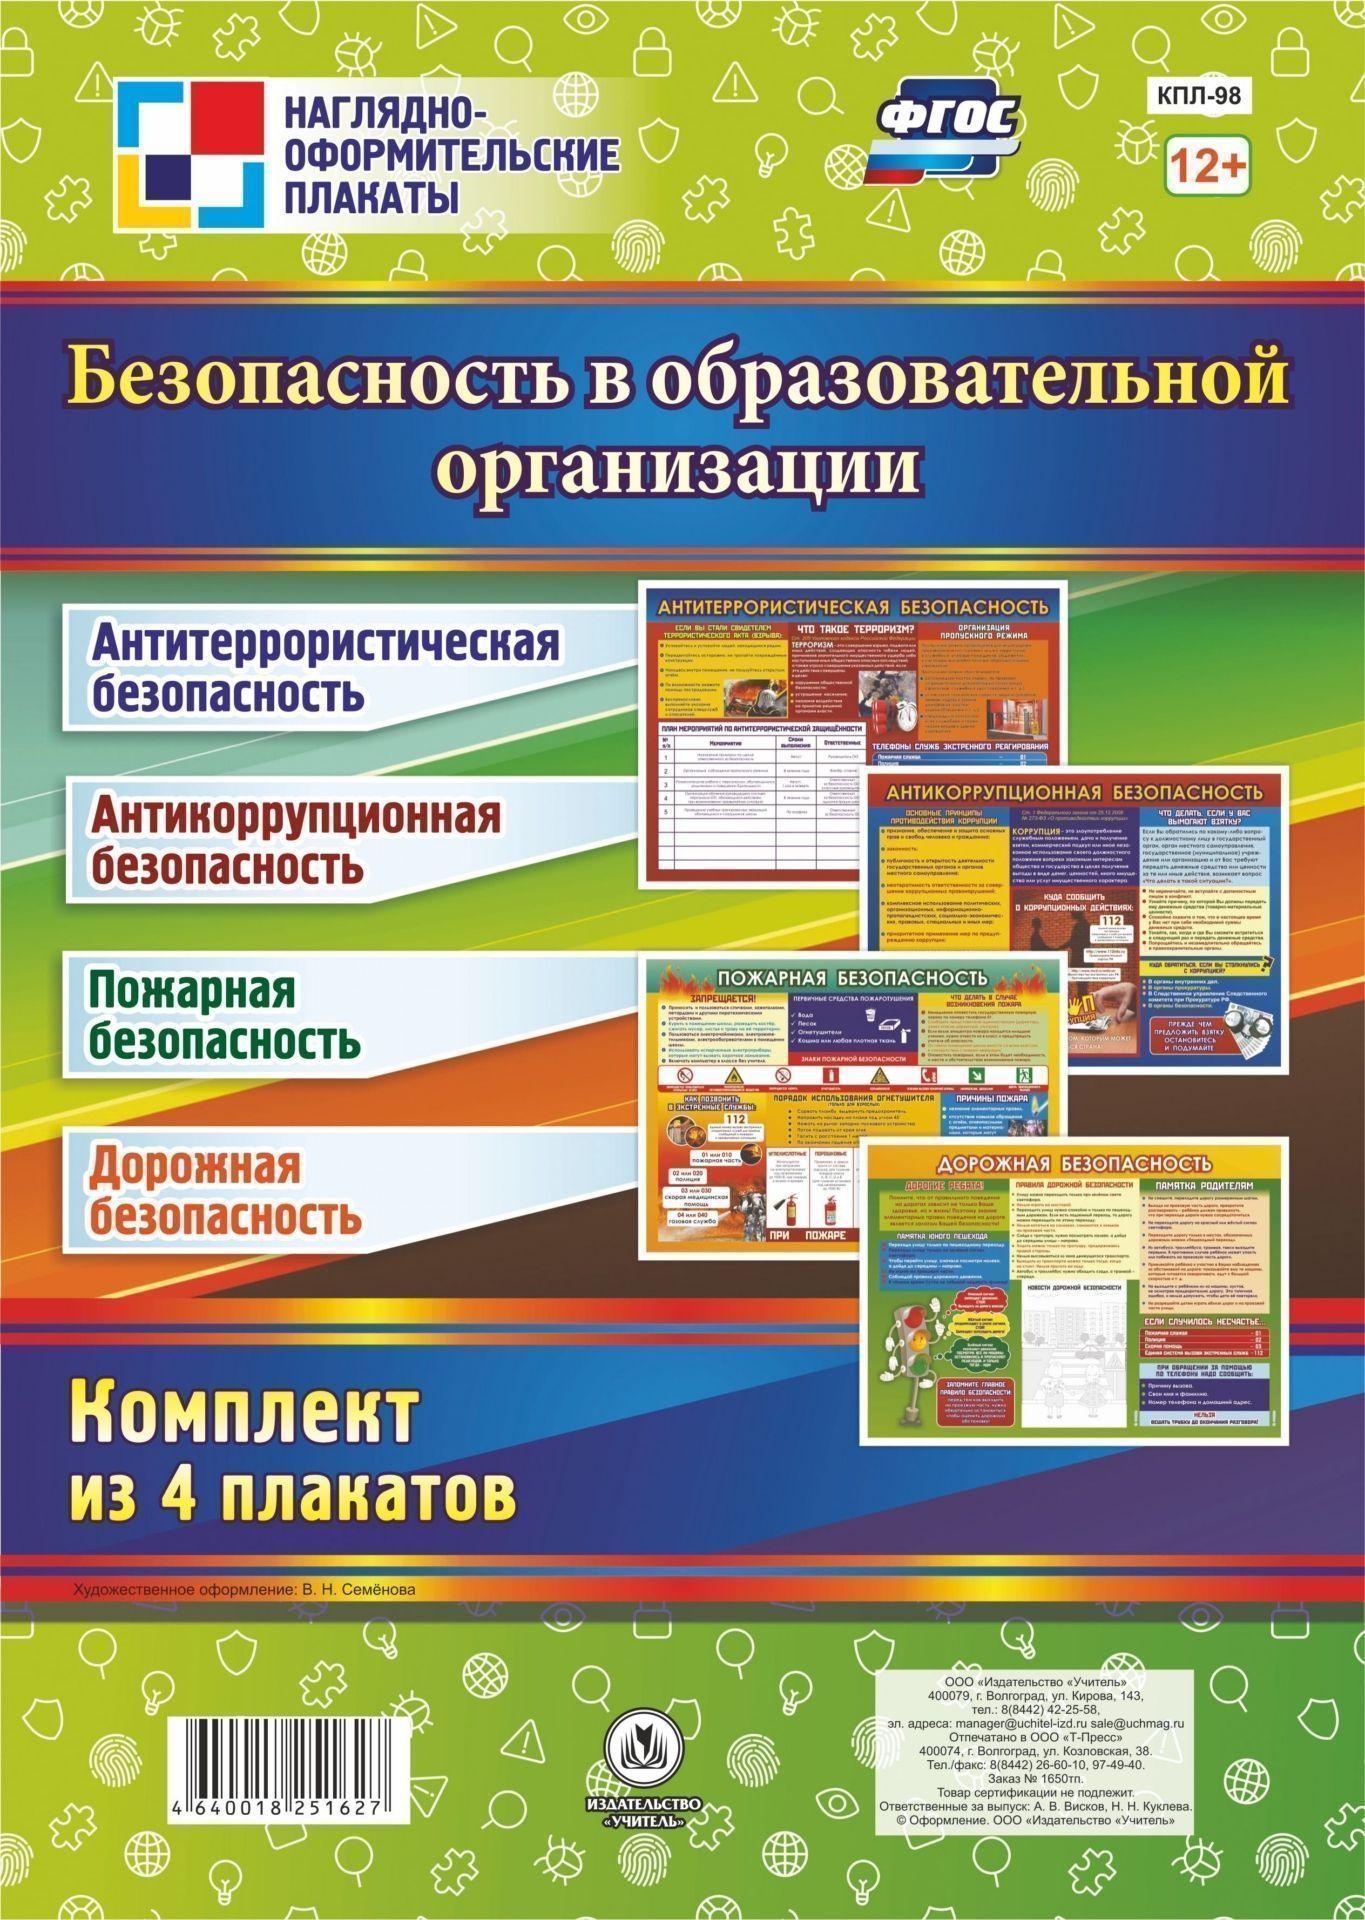 Комплект плакатов Безопасность в Образовательной организации: 4 плакатаПлакаты, постеры, карты<br>.<br><br>Год: 2017<br>Серия: Наглядно-оформительские плакаты<br>Высота: 594<br>Ширина: 420<br>Переплёт: набор